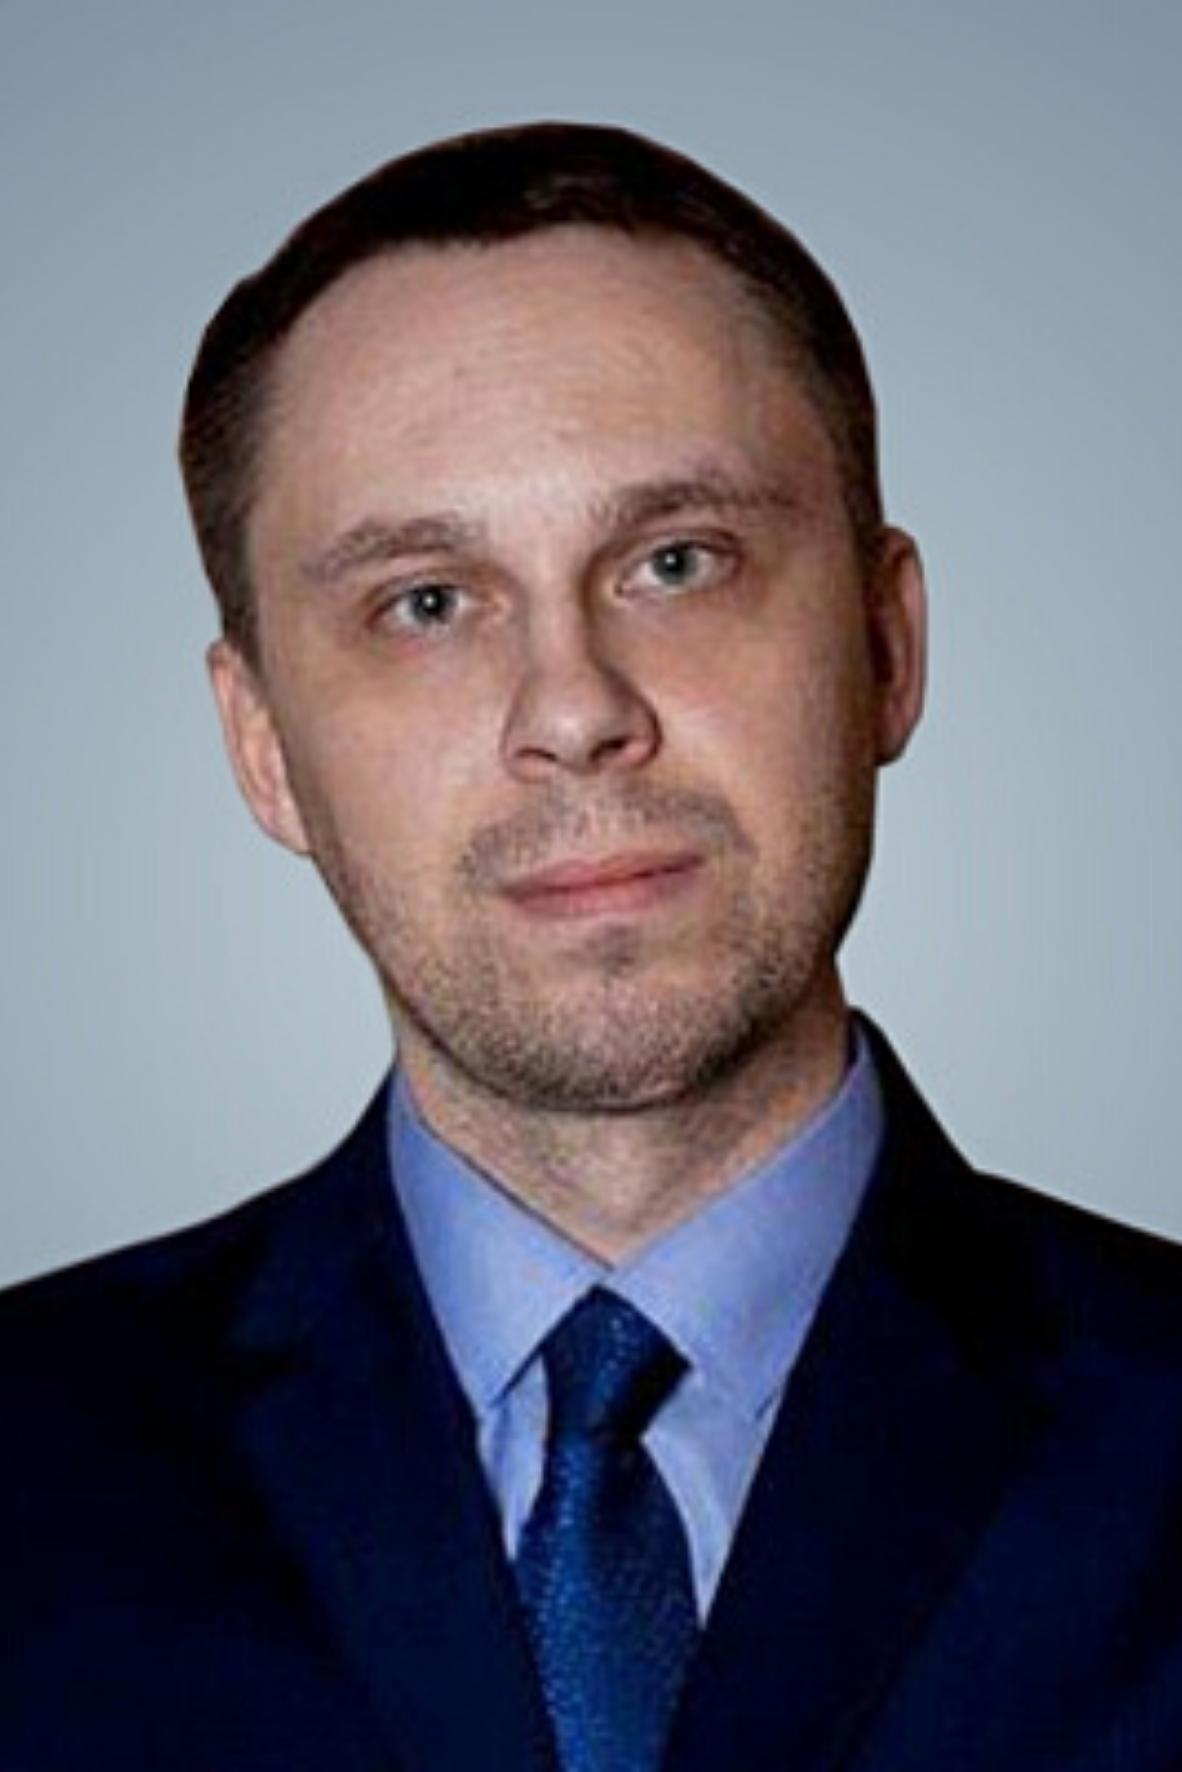 Баланцев Евгений Валерьевич